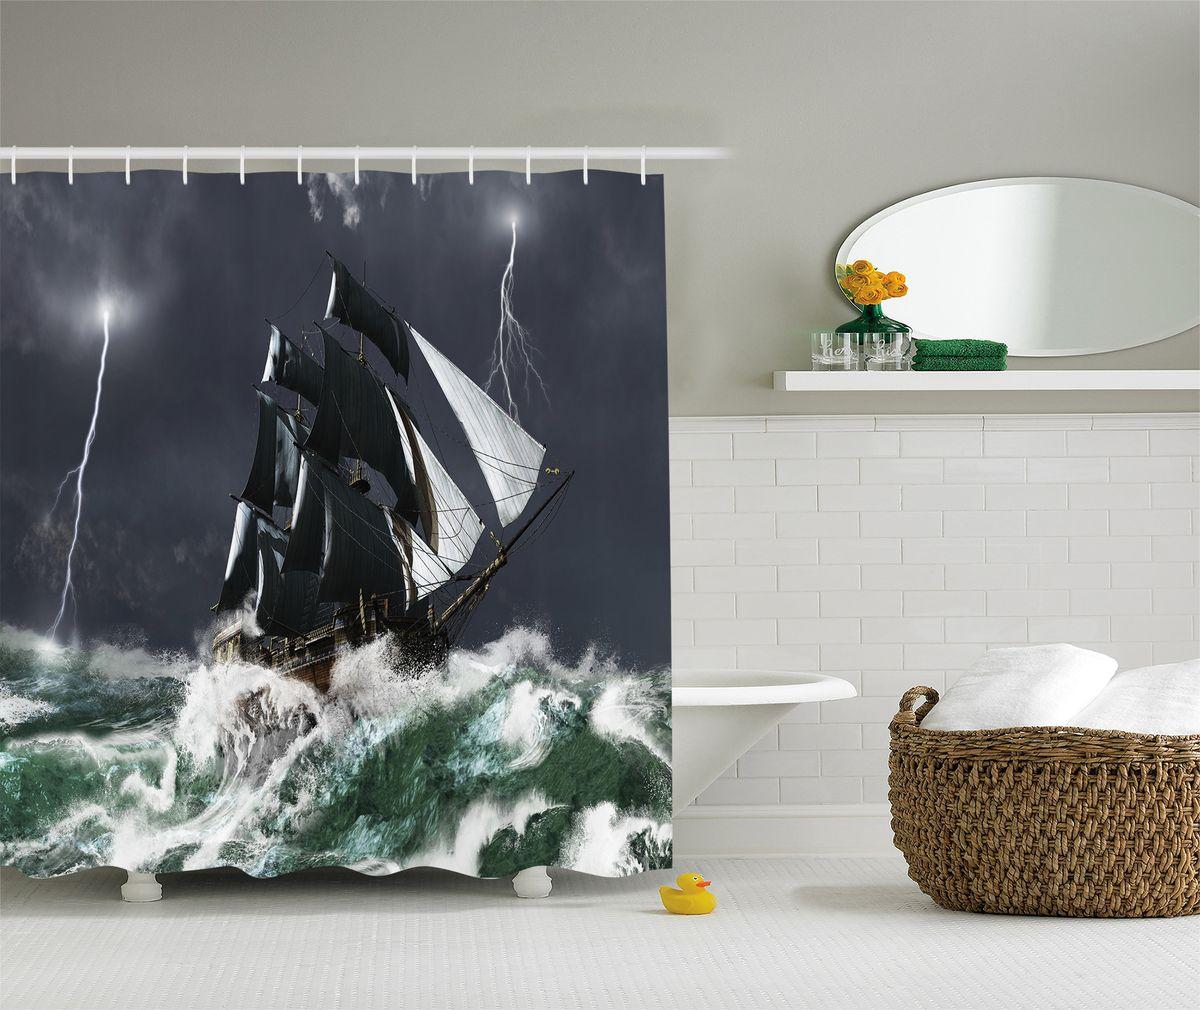 Штора для ванной комнаты Magic Lady Корабль в бурном море, 180 х 200 смUP210DFШтора Magic Lady Корабль в бурном море, изготовленная из высококачественного сатена (полиэстер 100%), отлично дополнит любой интерьер ванной комнаты. При изготовлении используются специальные гипоаллергенные чернила для прямой печати по ткани, безопасные для человека.В комплекте: 1 штора, 12 крючков. Обращаем ваше внимание, фактический цвет изделия может незначительно отличаться от представленного на фото.